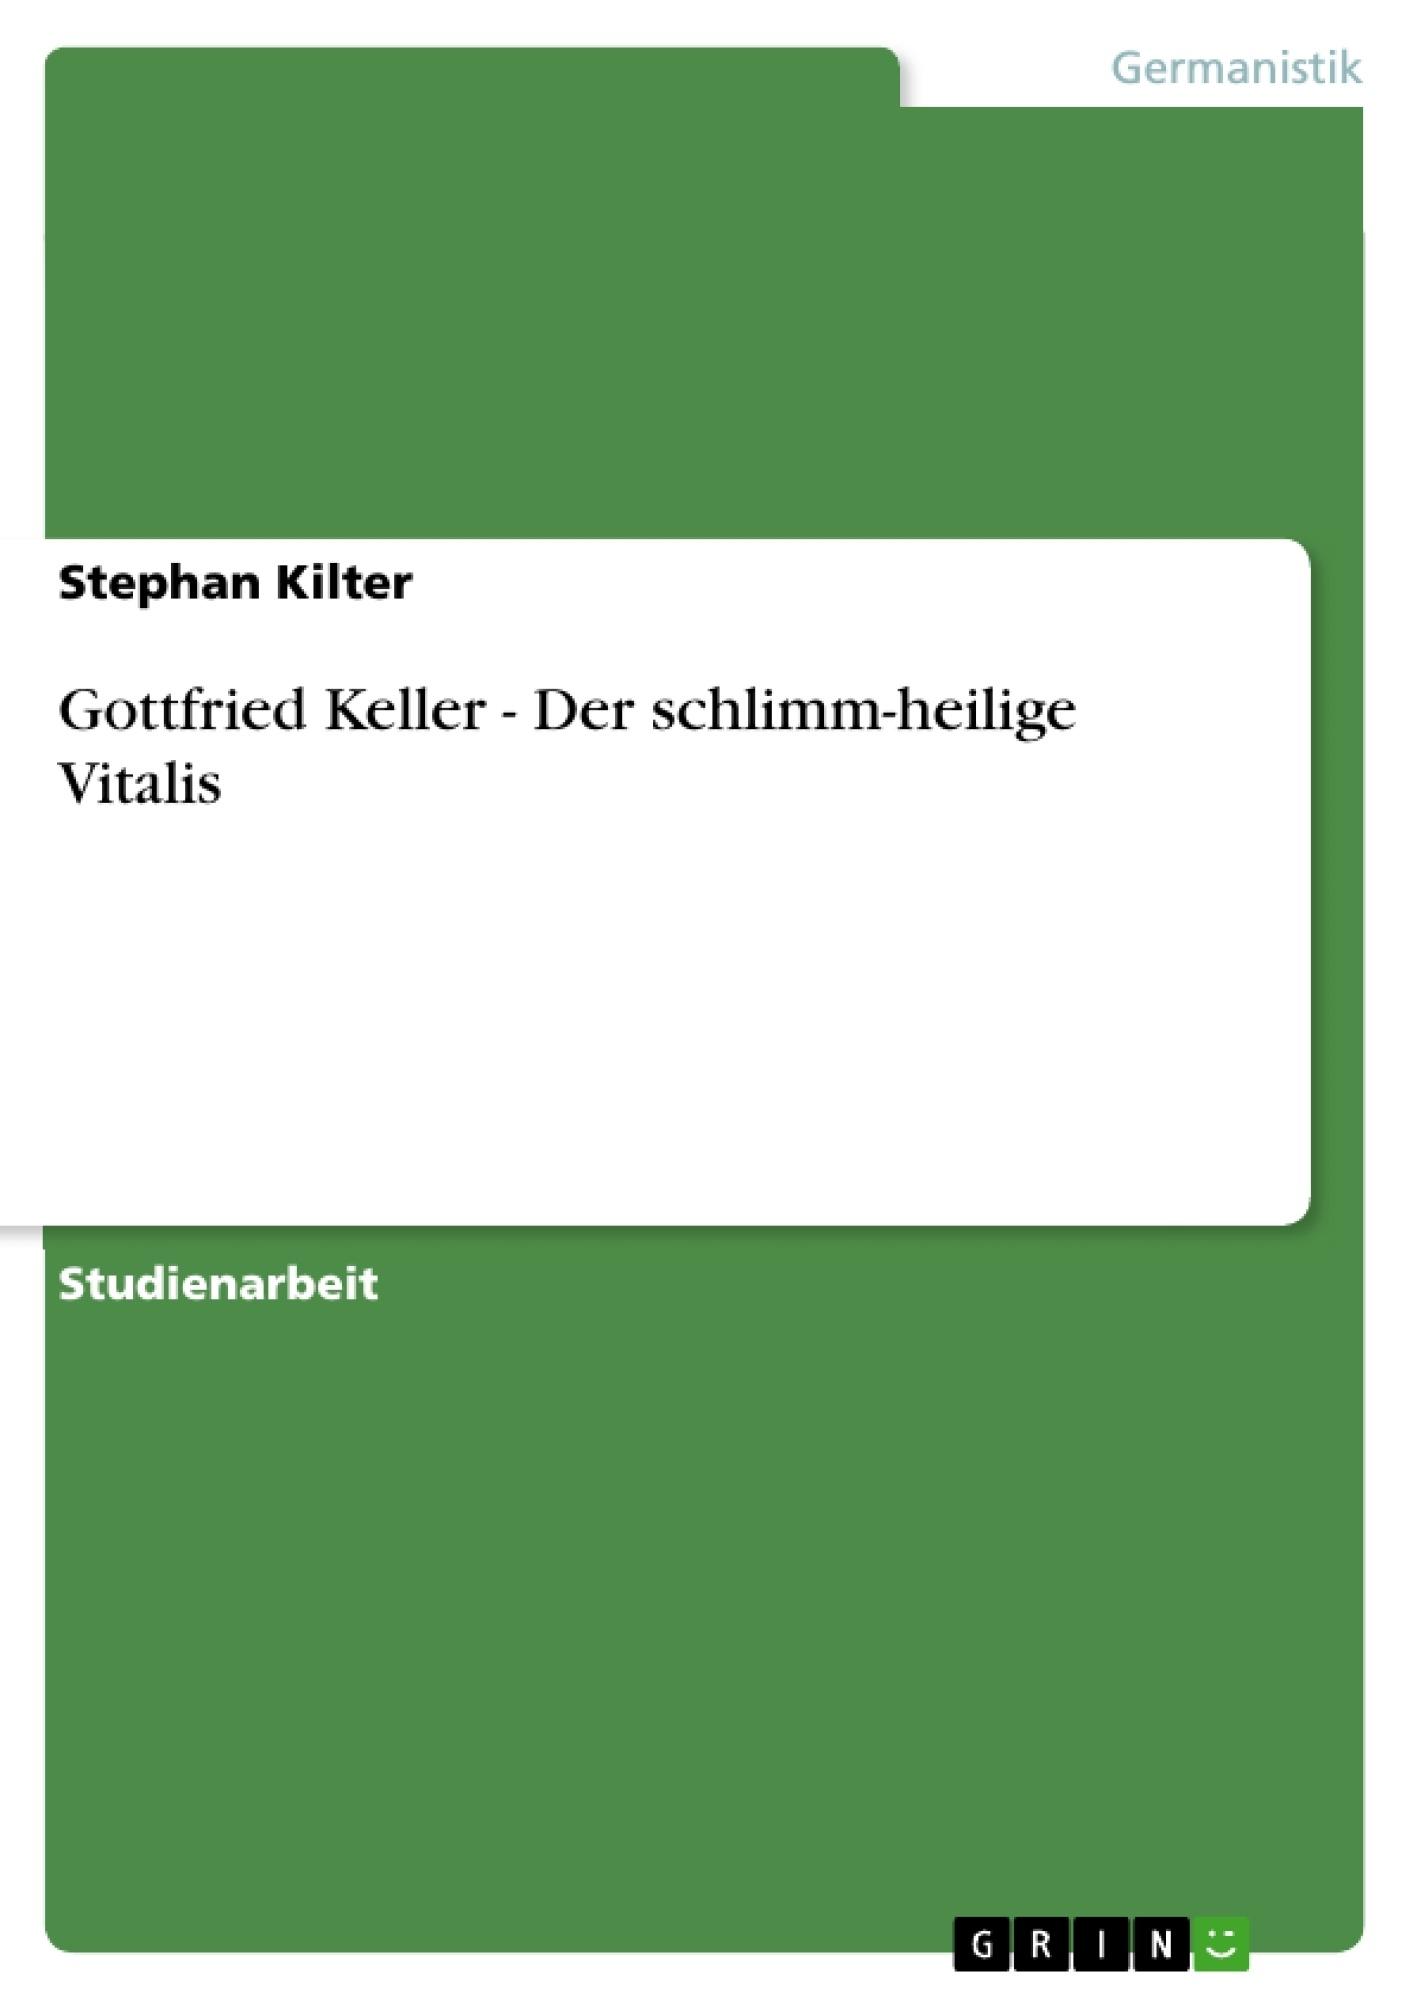 Titel: Gottfried Keller - Der schlimm-heilige Vitalis